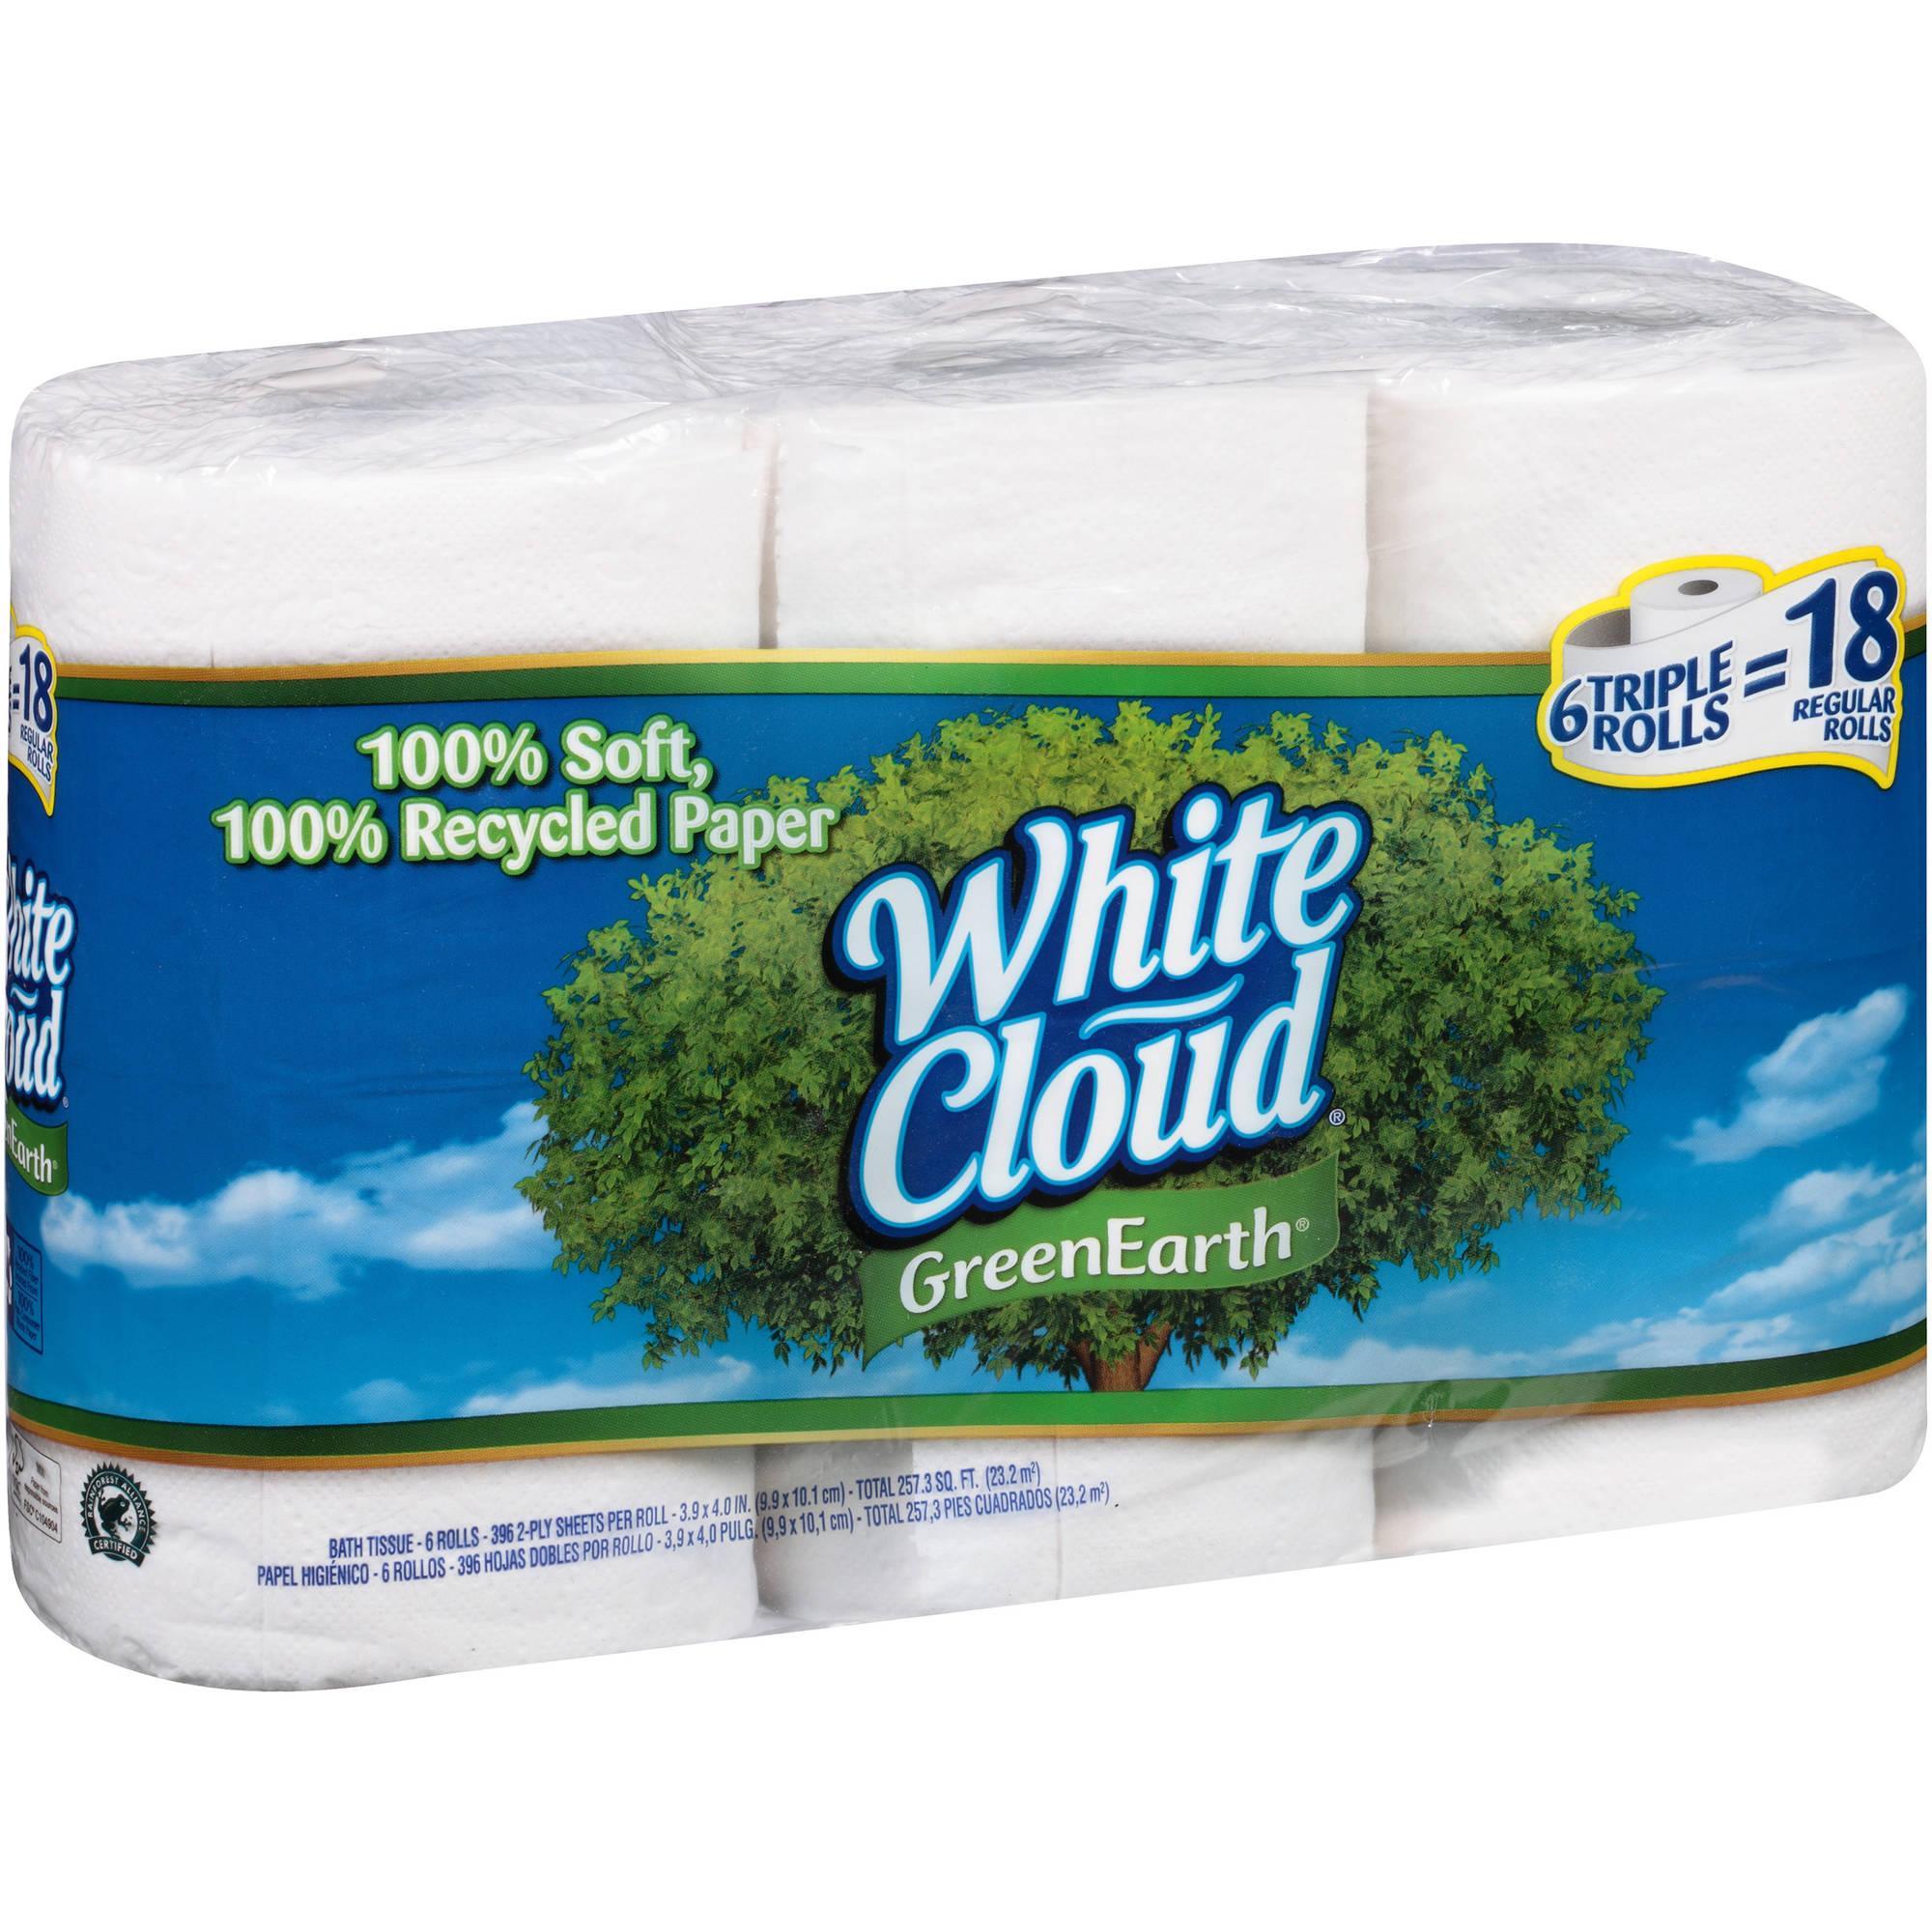 White cloud bathroom tissue - White Cloud Bathroom Tissue 2